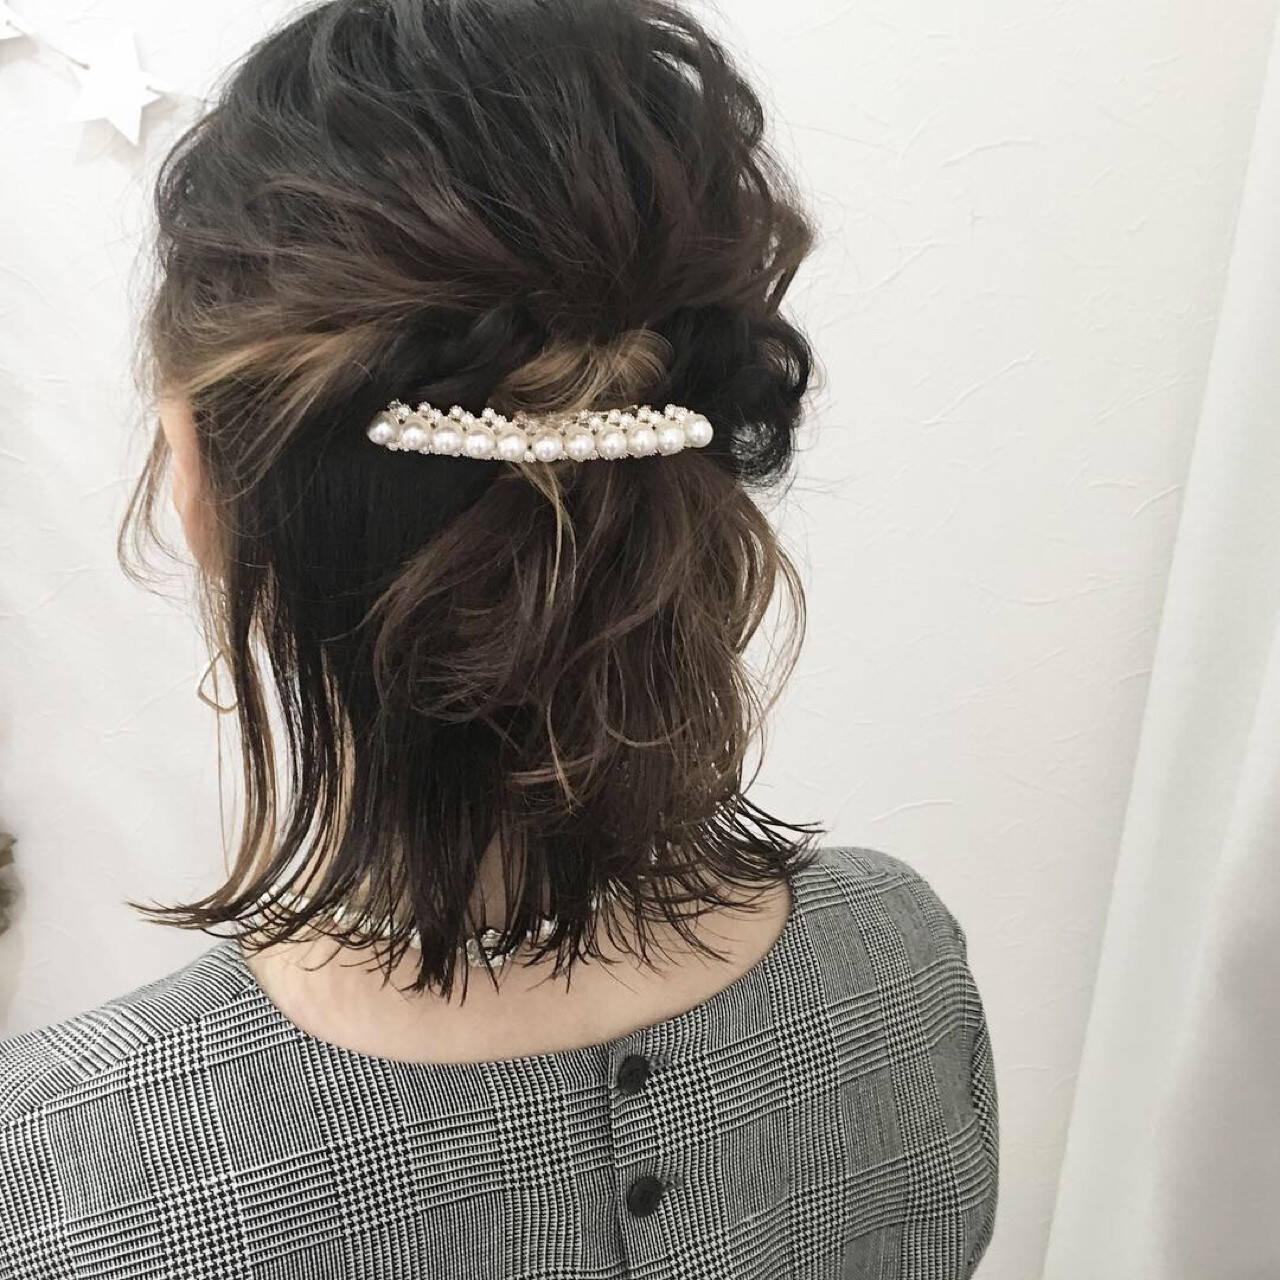 インナーカラー ハーフアップ ナチュラル 結婚式ヘアスタイルや髪型の写真・画像